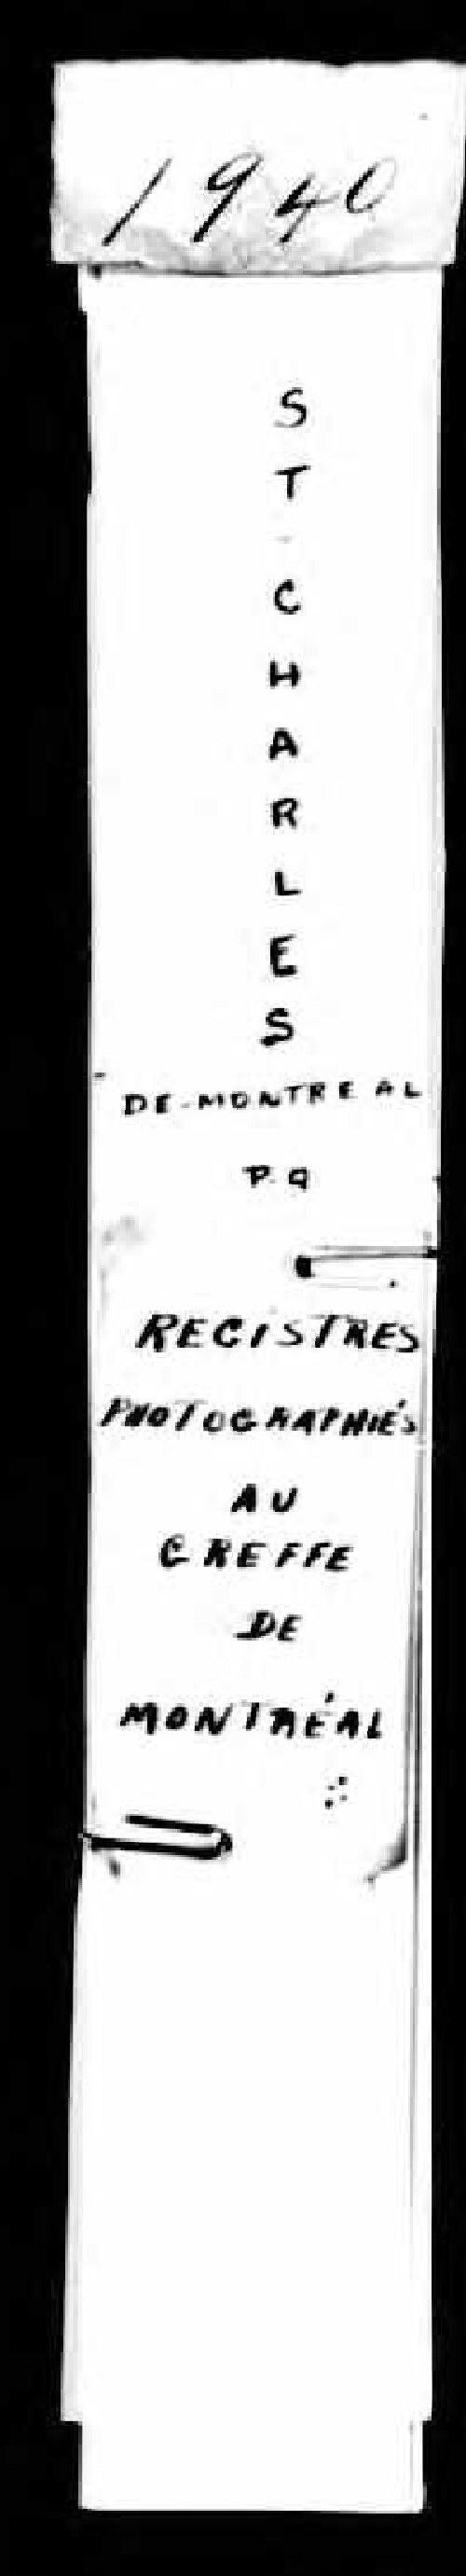 Mariages Deshaies Acte_d38